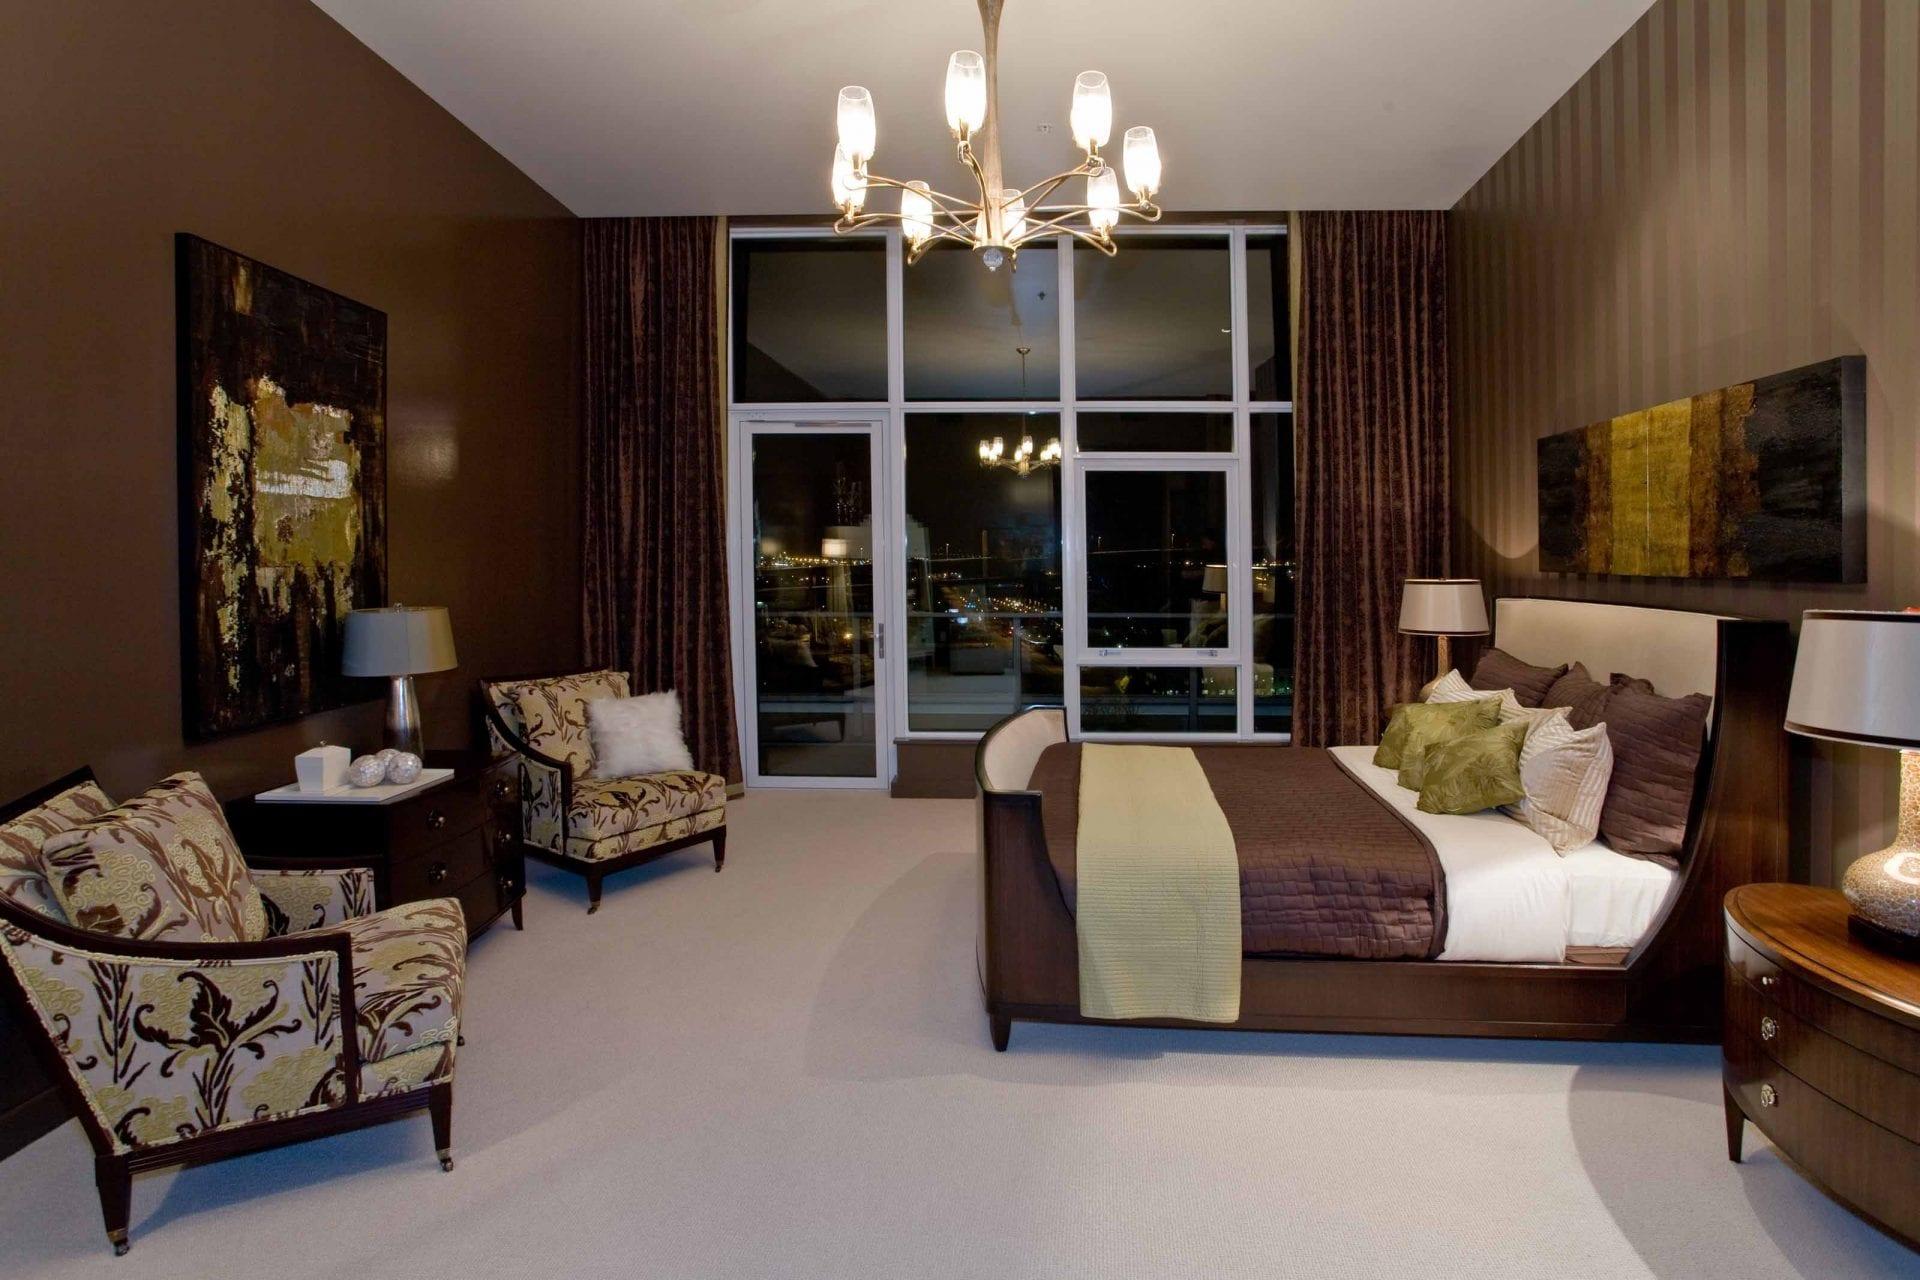 Master Bedroom at Night